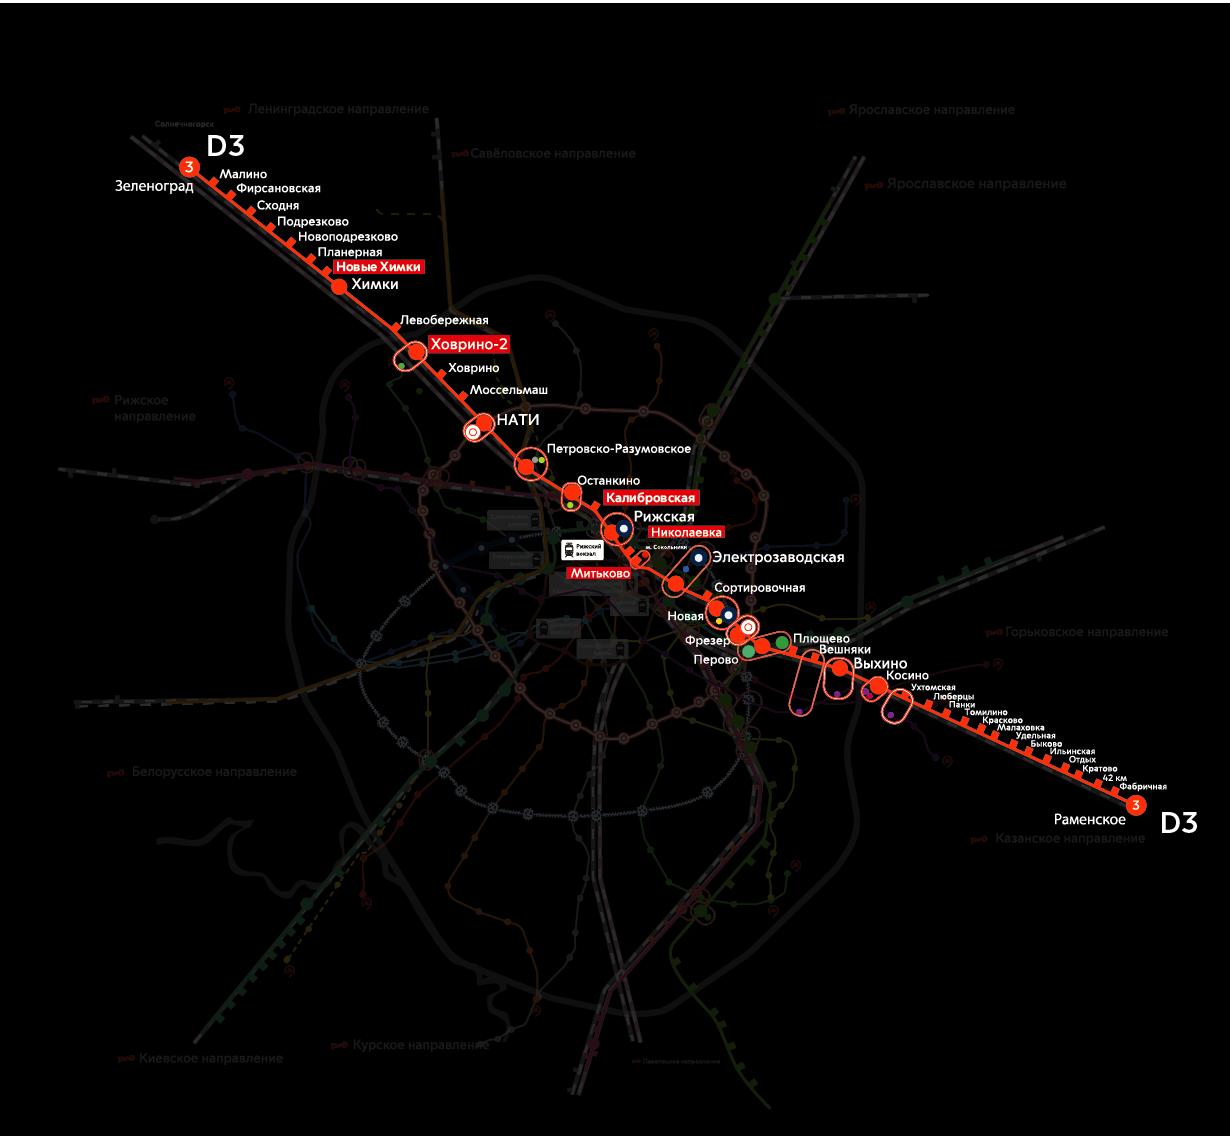 Власти Москвы сообщили, когда запустят движение по МЦД-3